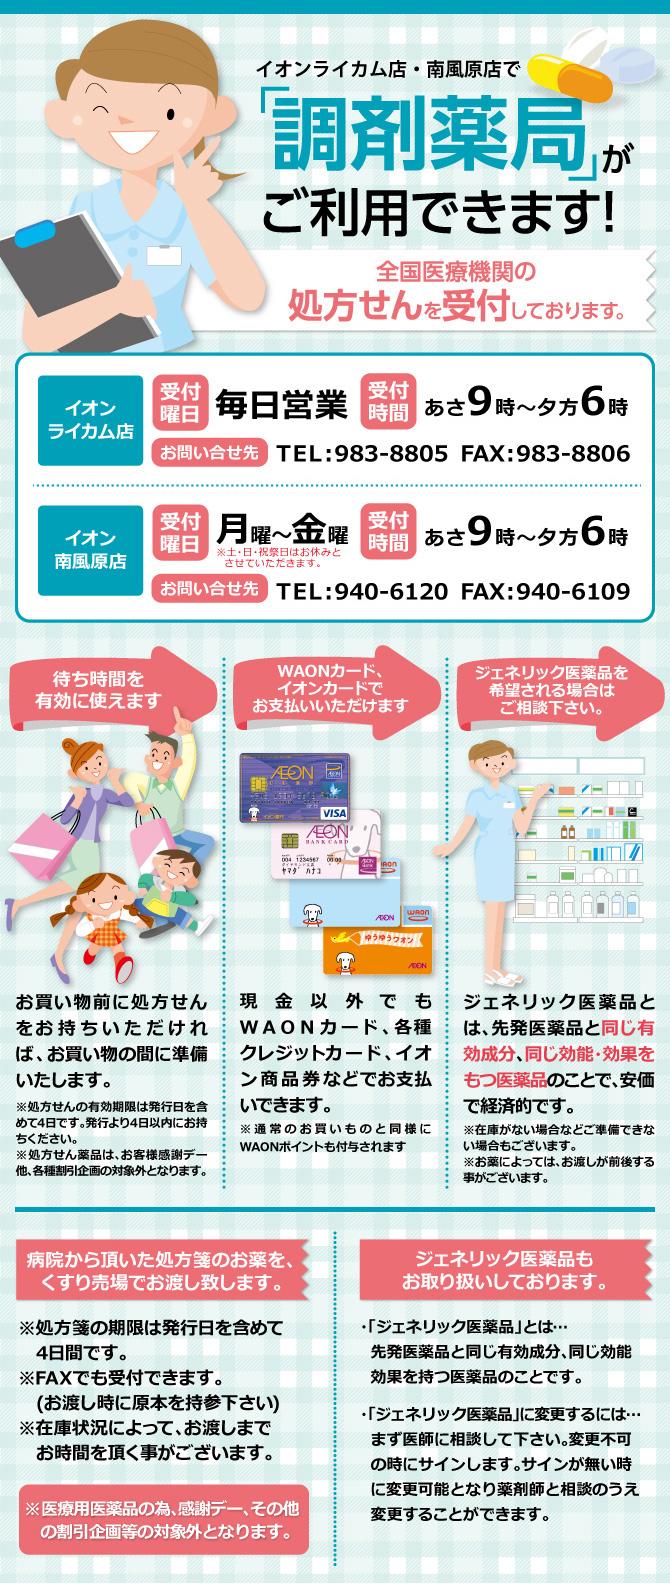 イオン南風原店「調剤薬局」がご利用できます!